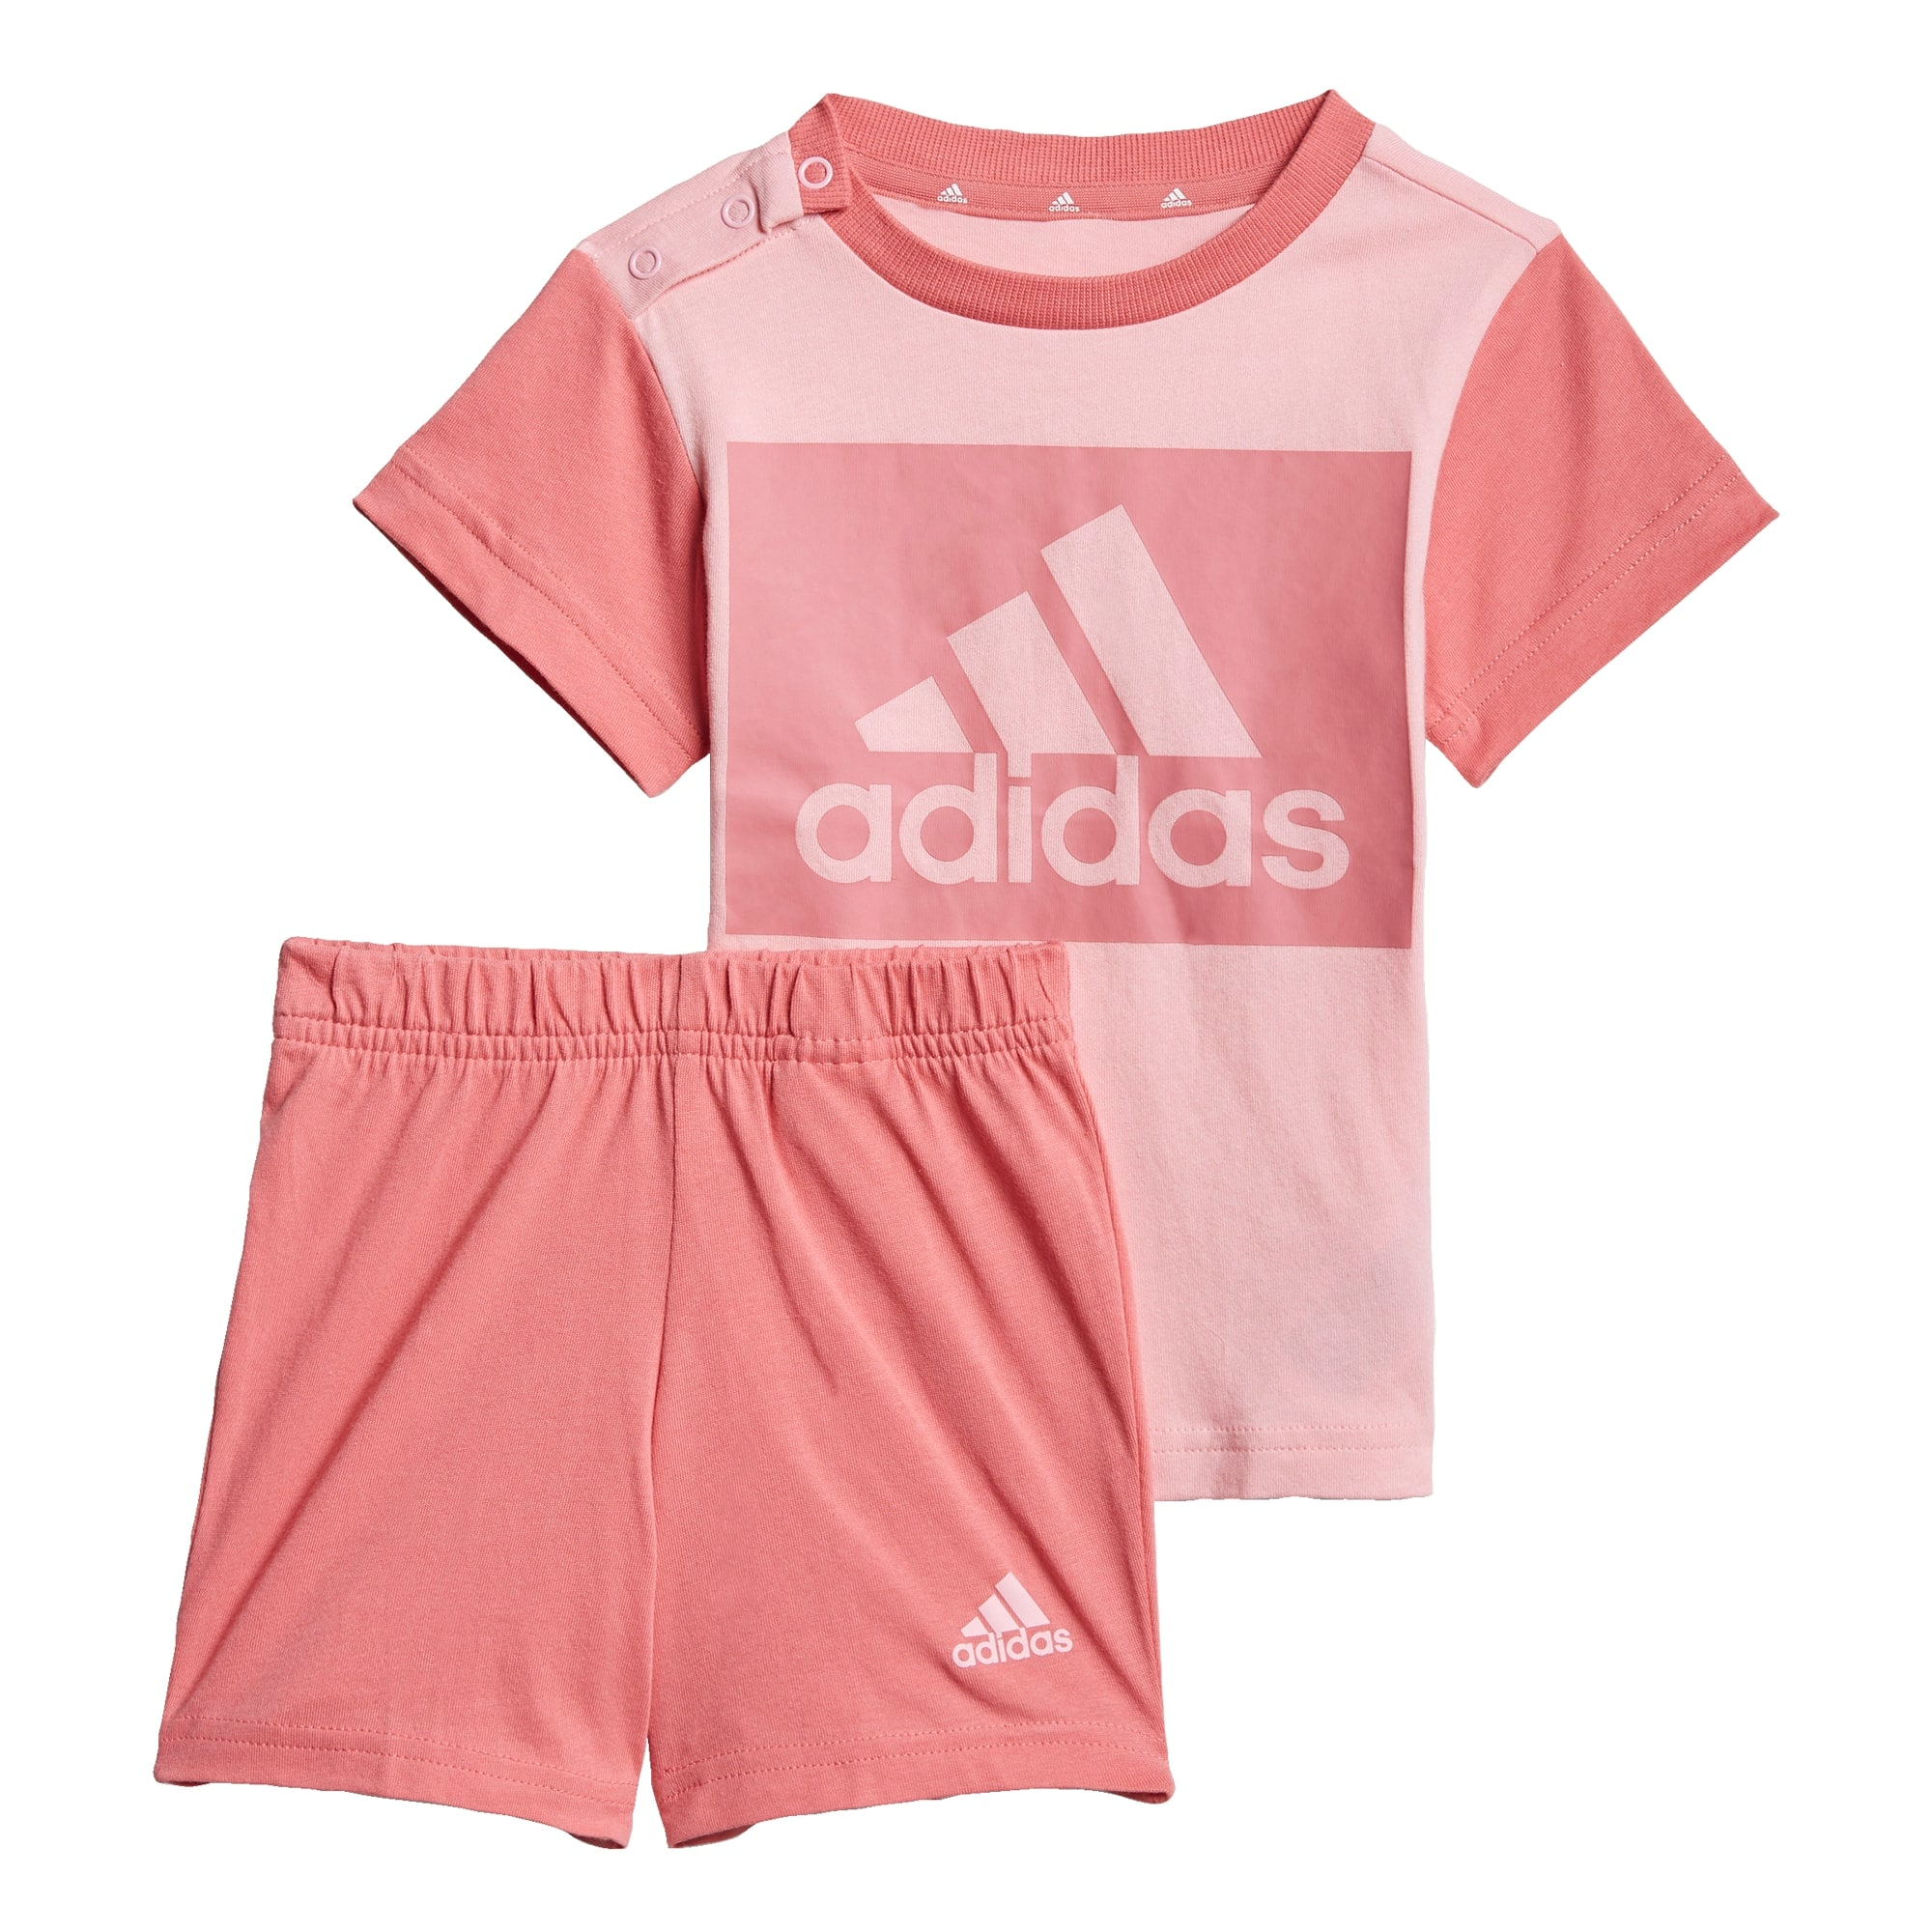 ADIDAS PERFORMANCE Sportinis kostiumas pastelinė rožinė / pitajų spalva